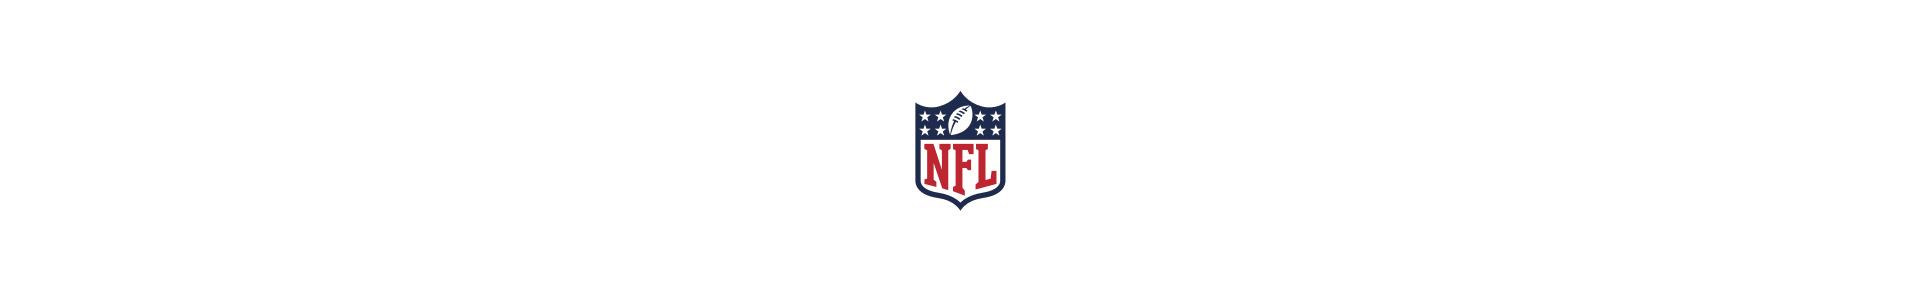 NFL sign off.png